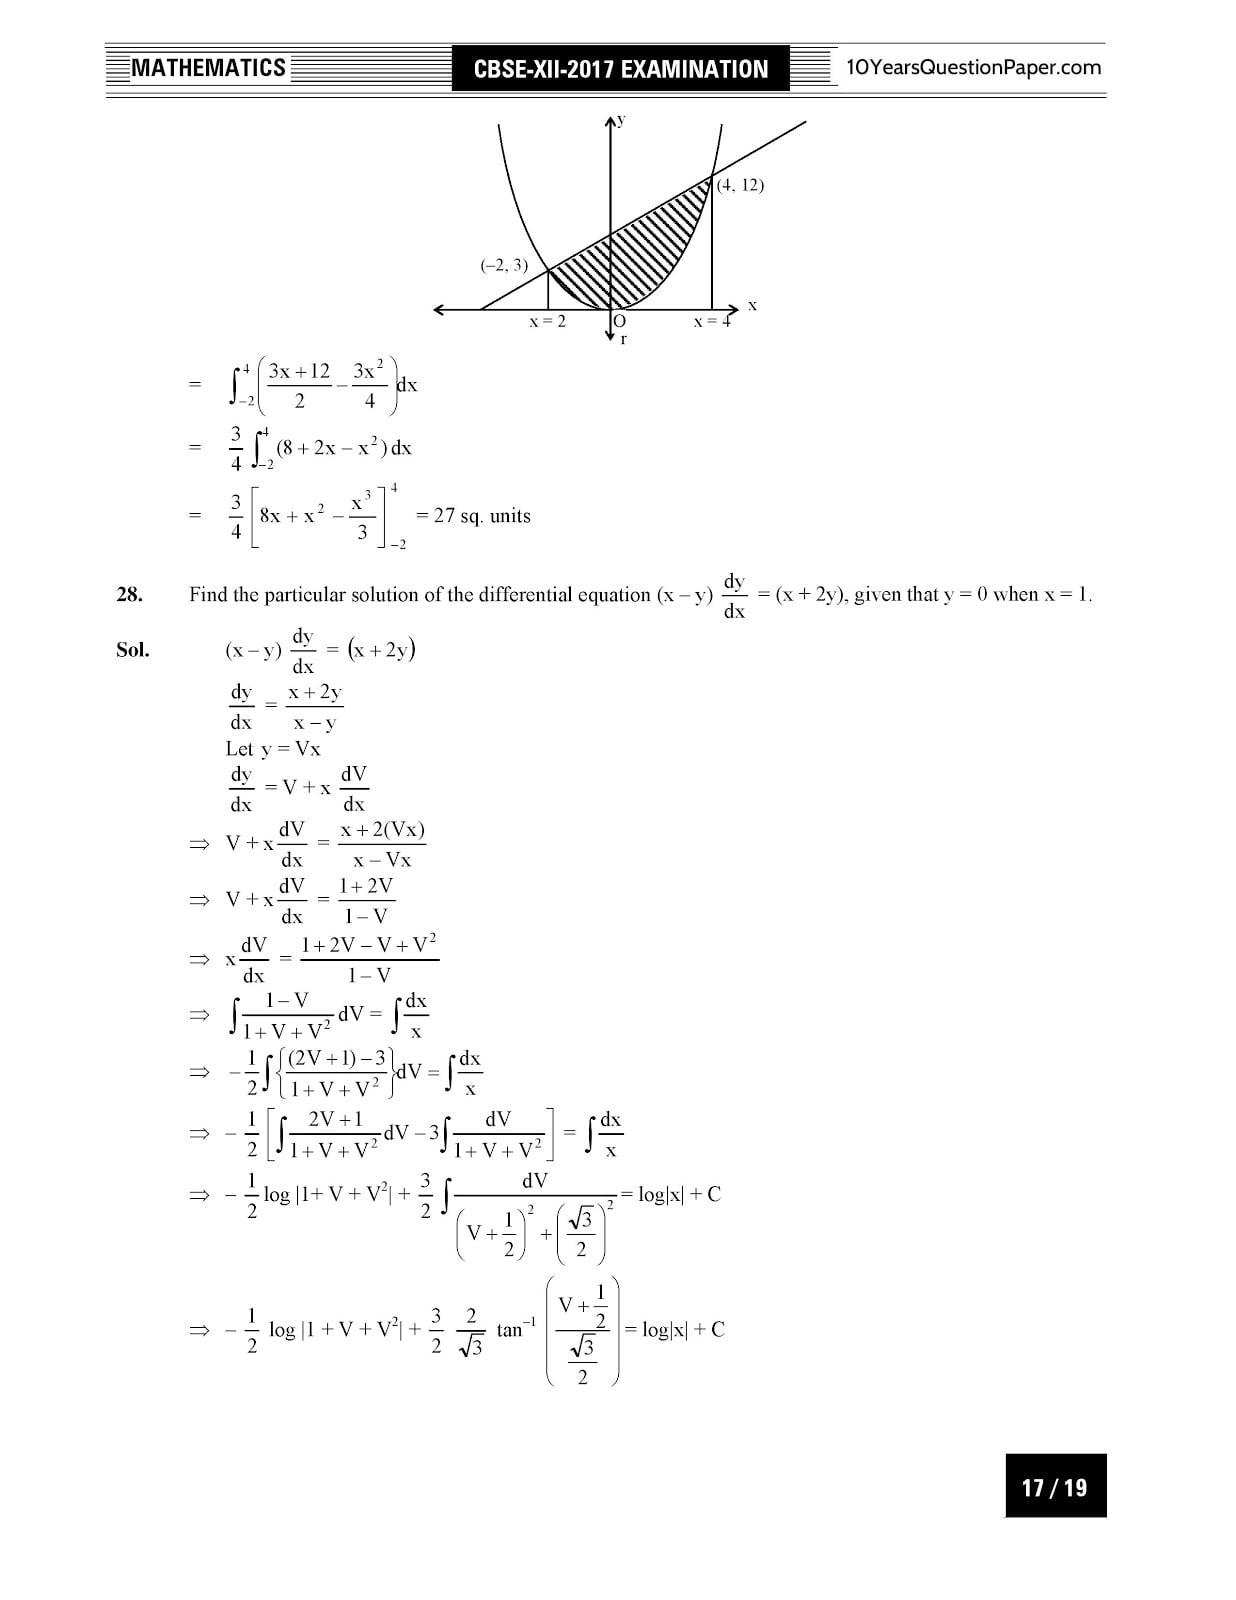 CBSE Class 12 Mathematics 2017 Solved Paper